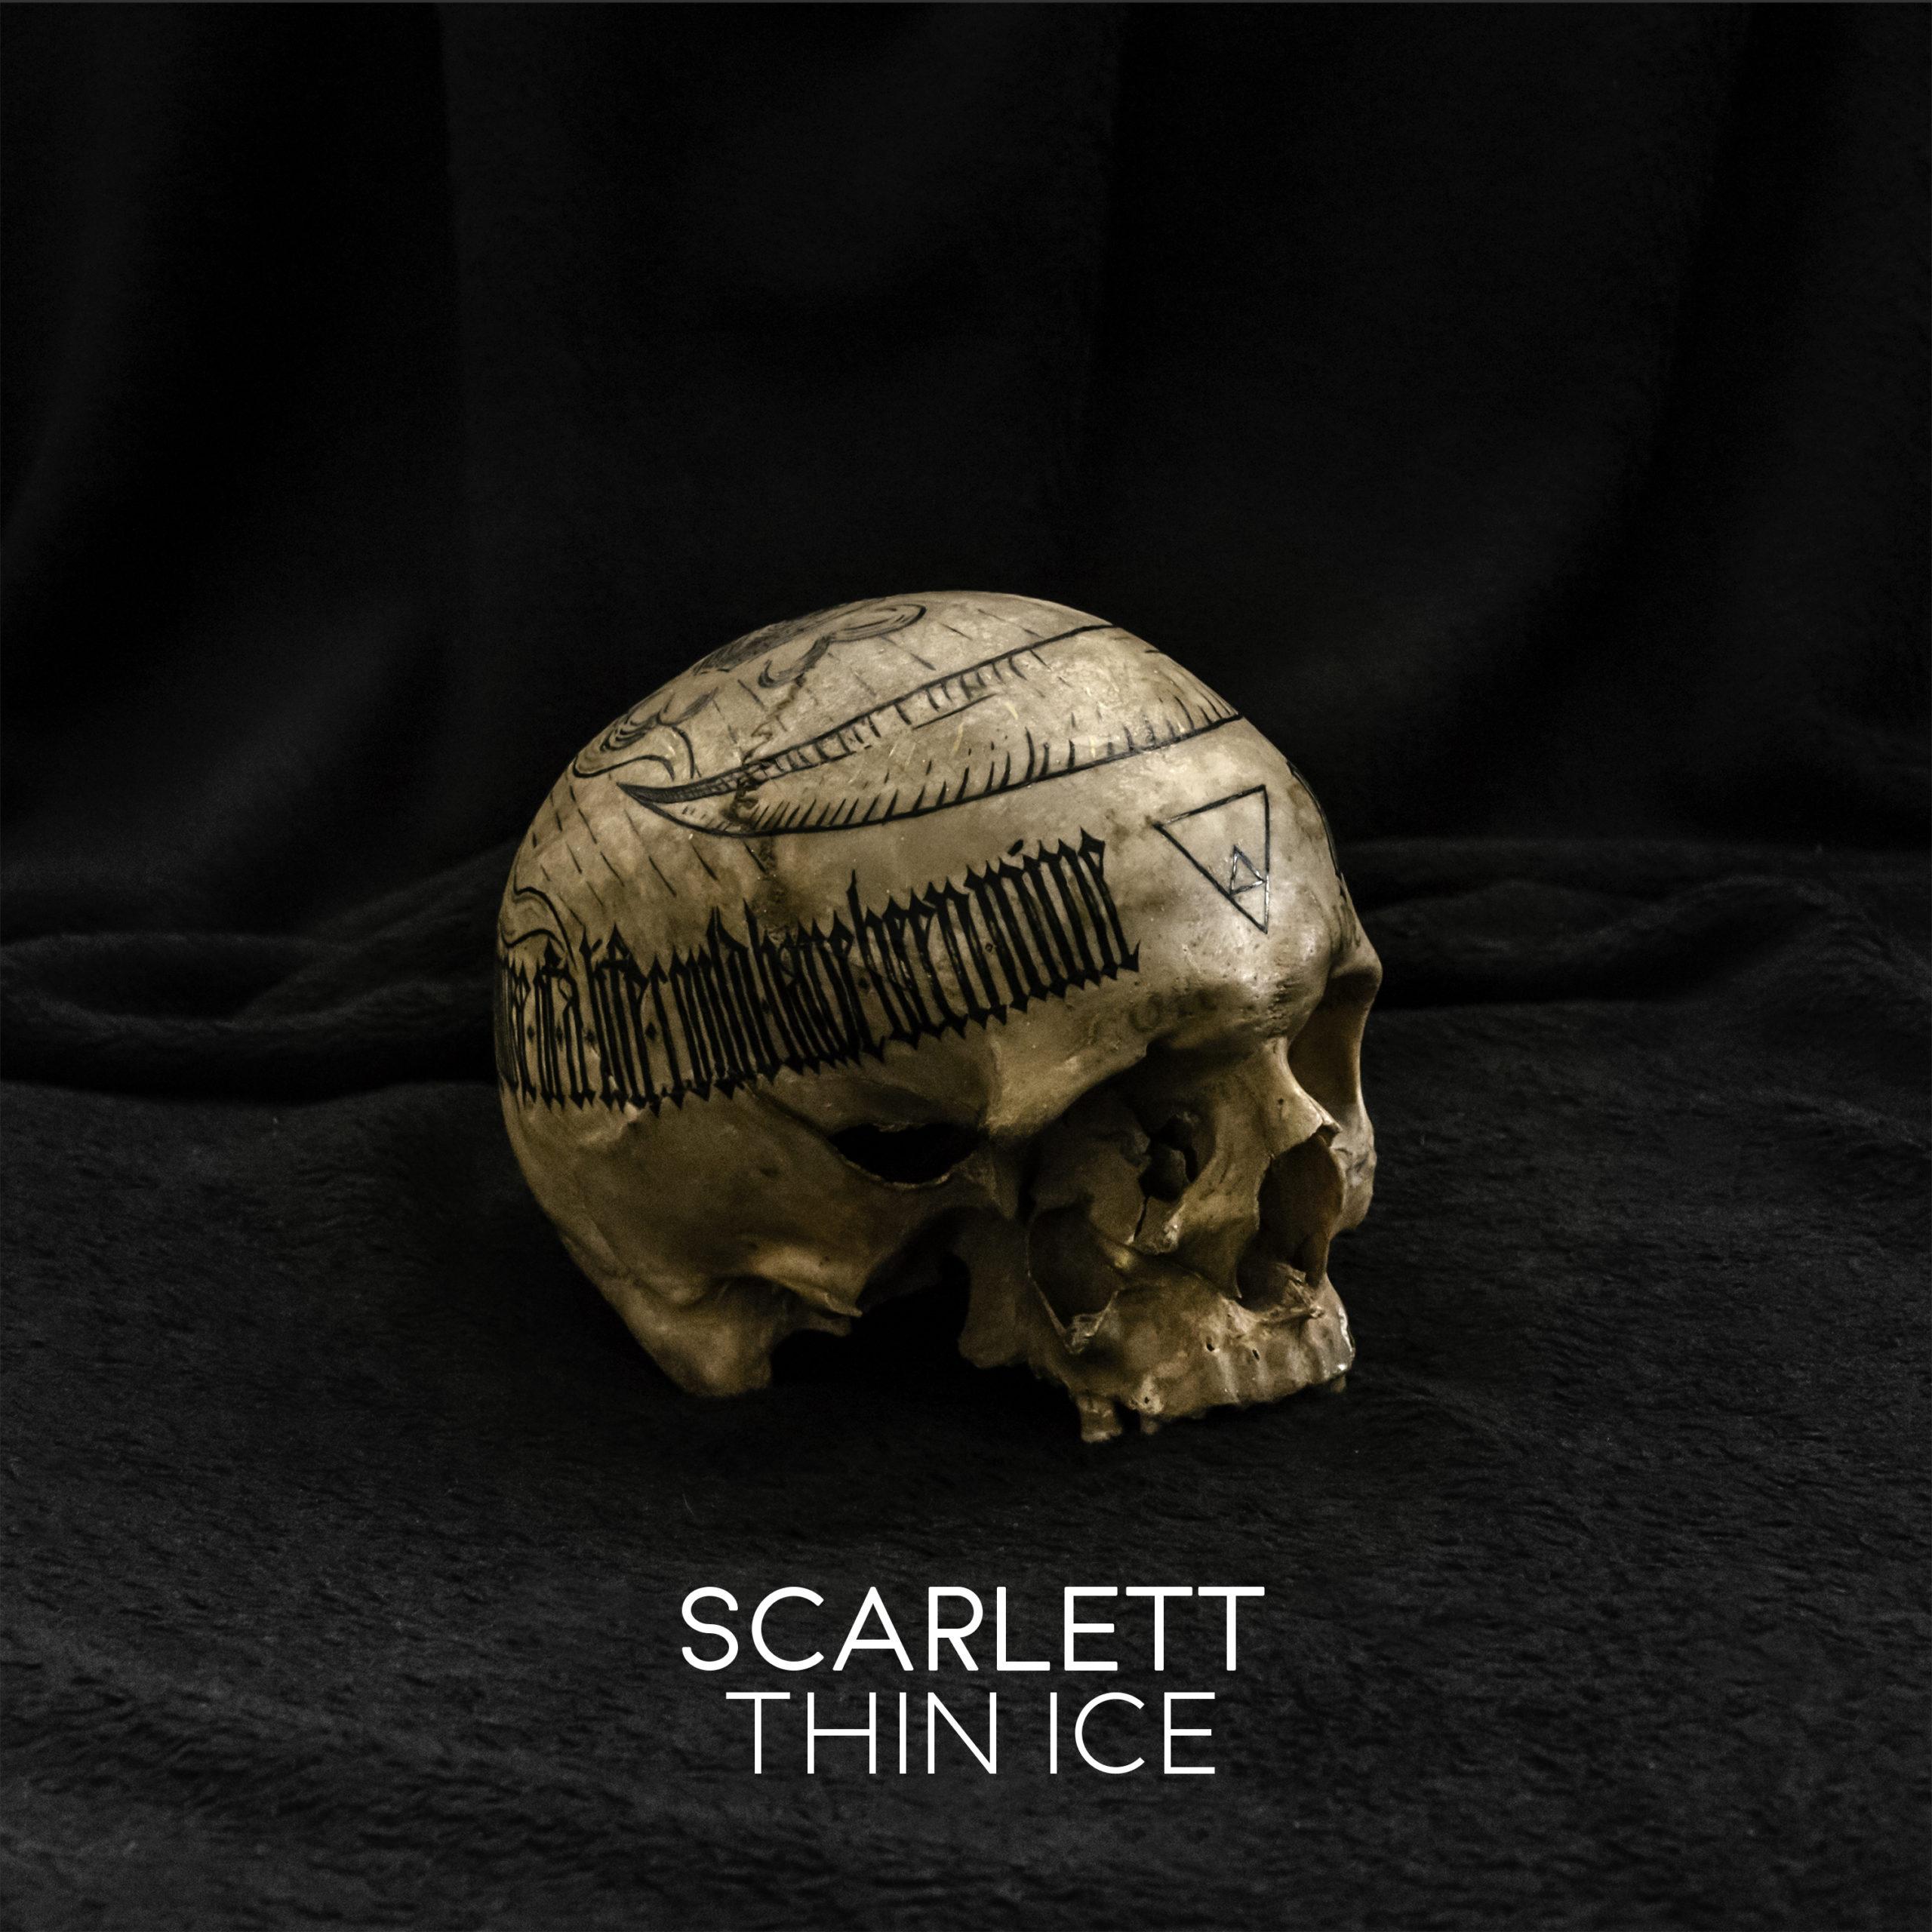 Scarlett Thin Ice Couvre x Chefs